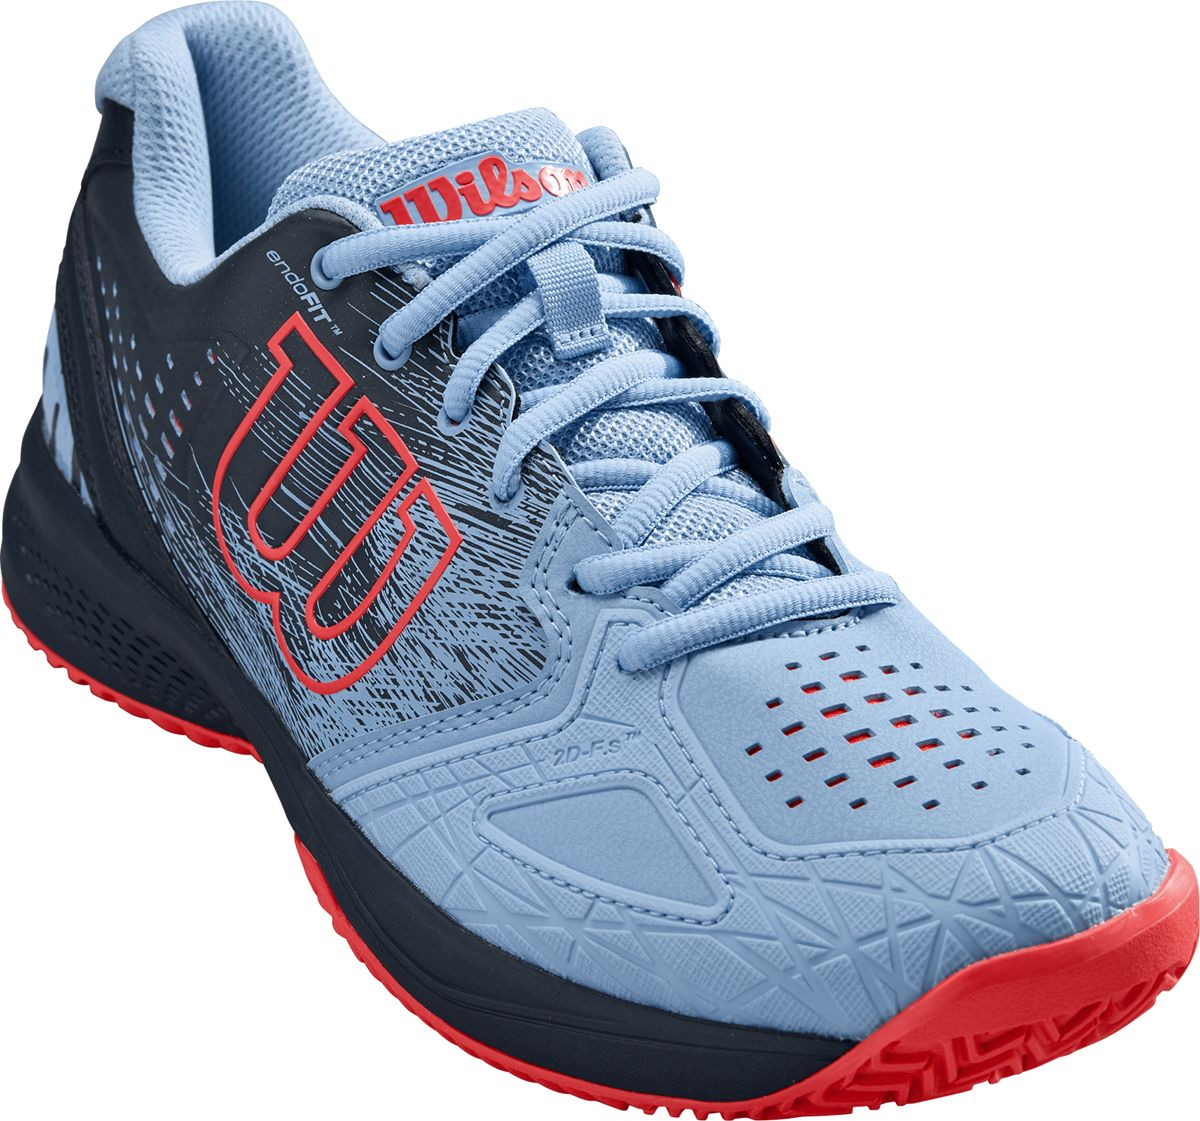 Кроссовки Wilson Kaos Comp кроссовки для тенниса мужские wilson rush comp ebony цвет белый wrs324580 размер 9 42